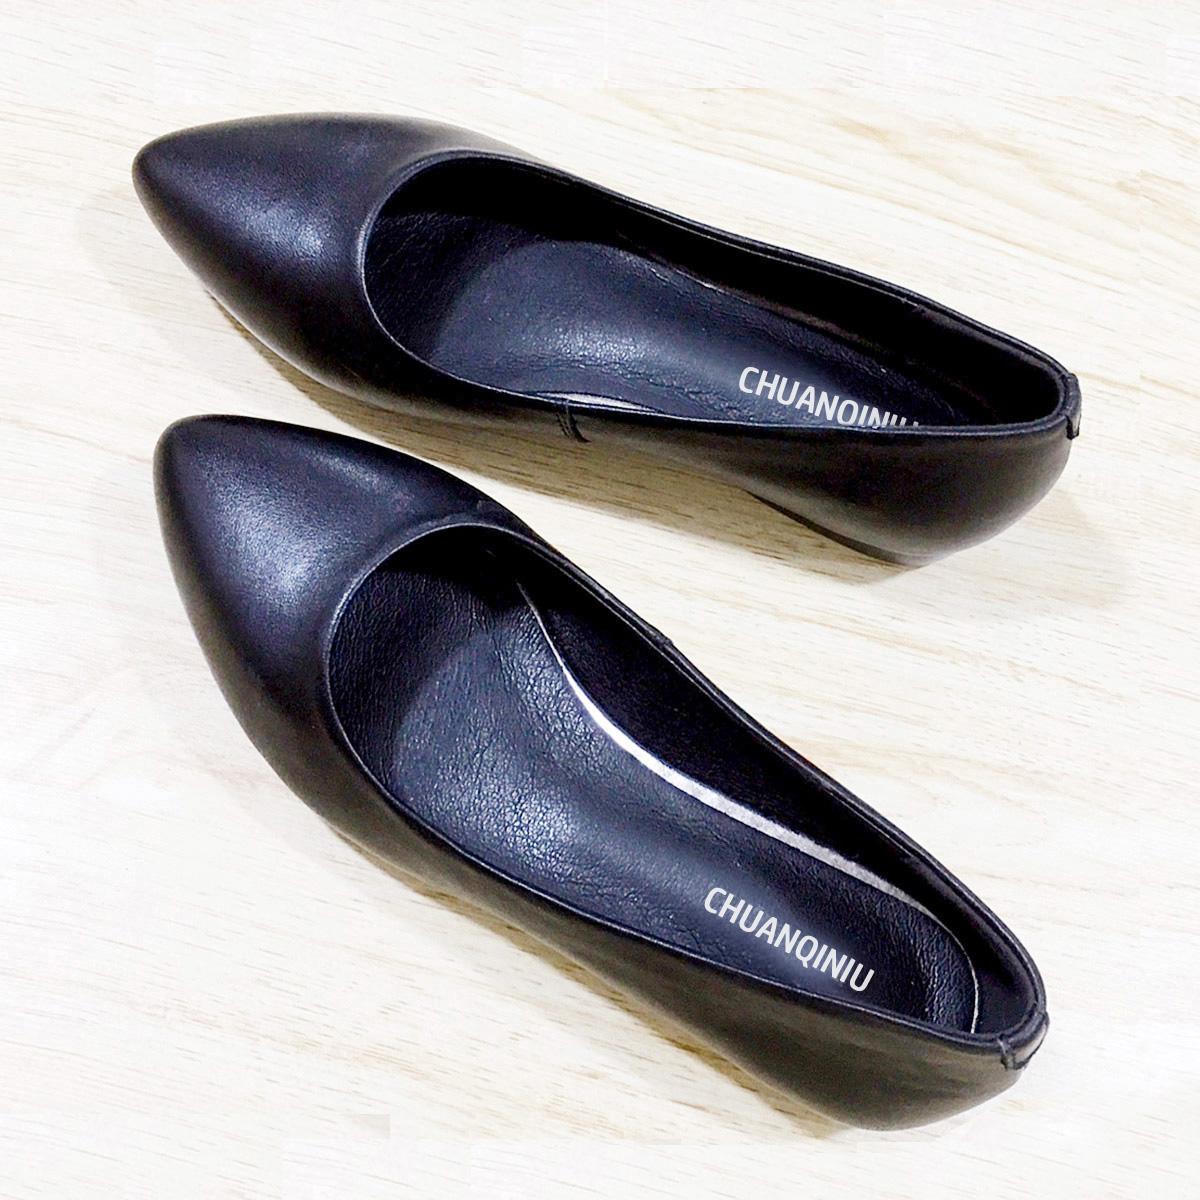 黑色平底鞋 真皮工鞋单鞋女平底软底职业空姐女鞋黑色皮鞋舒适上班酒店工作鞋_推荐淘宝好看的黑色平底鞋